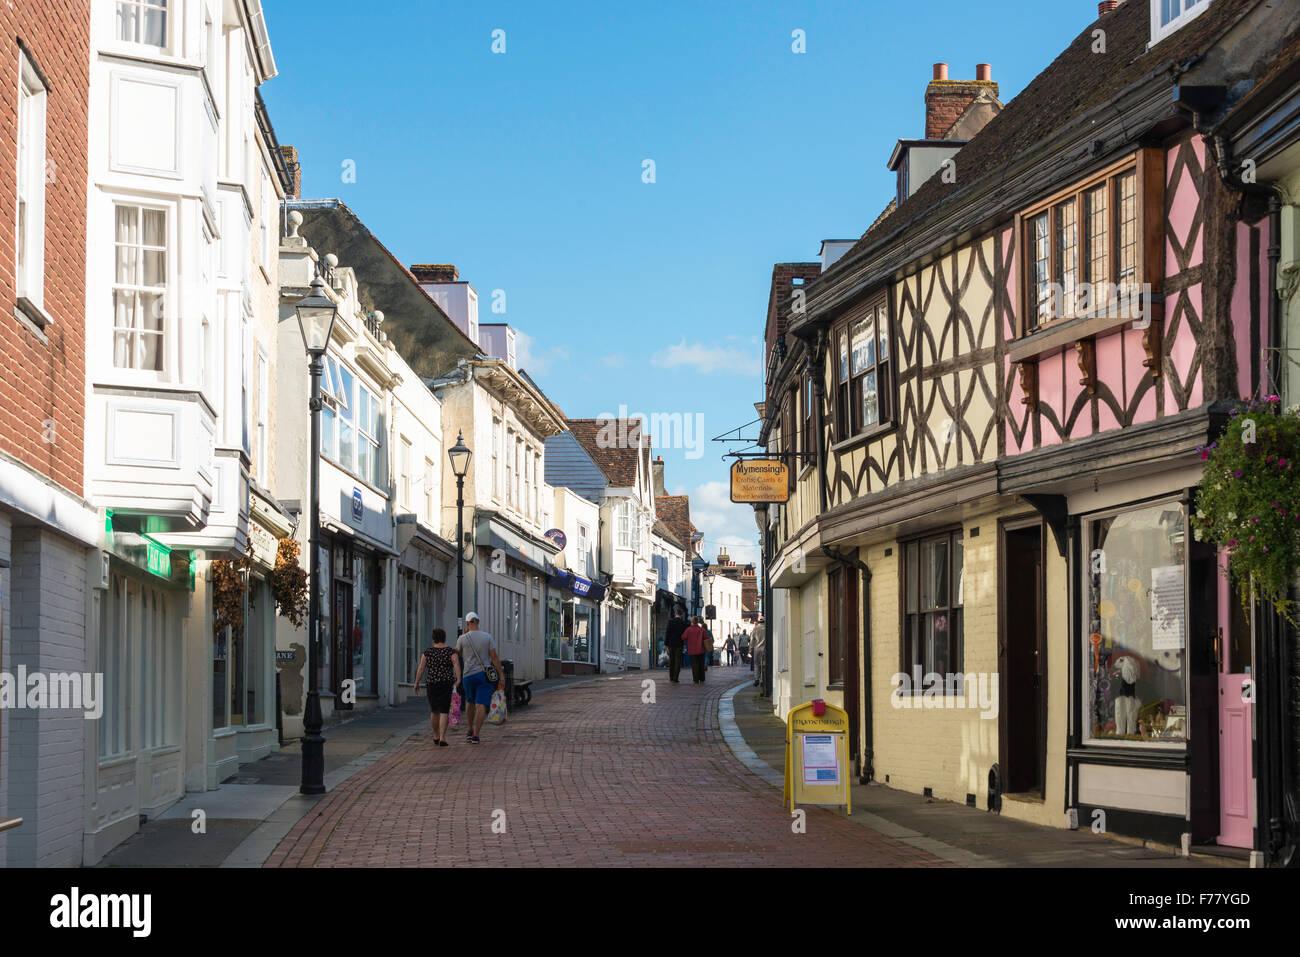 West Street, Faversham, Kent, England, United Kingdom Stock Photo